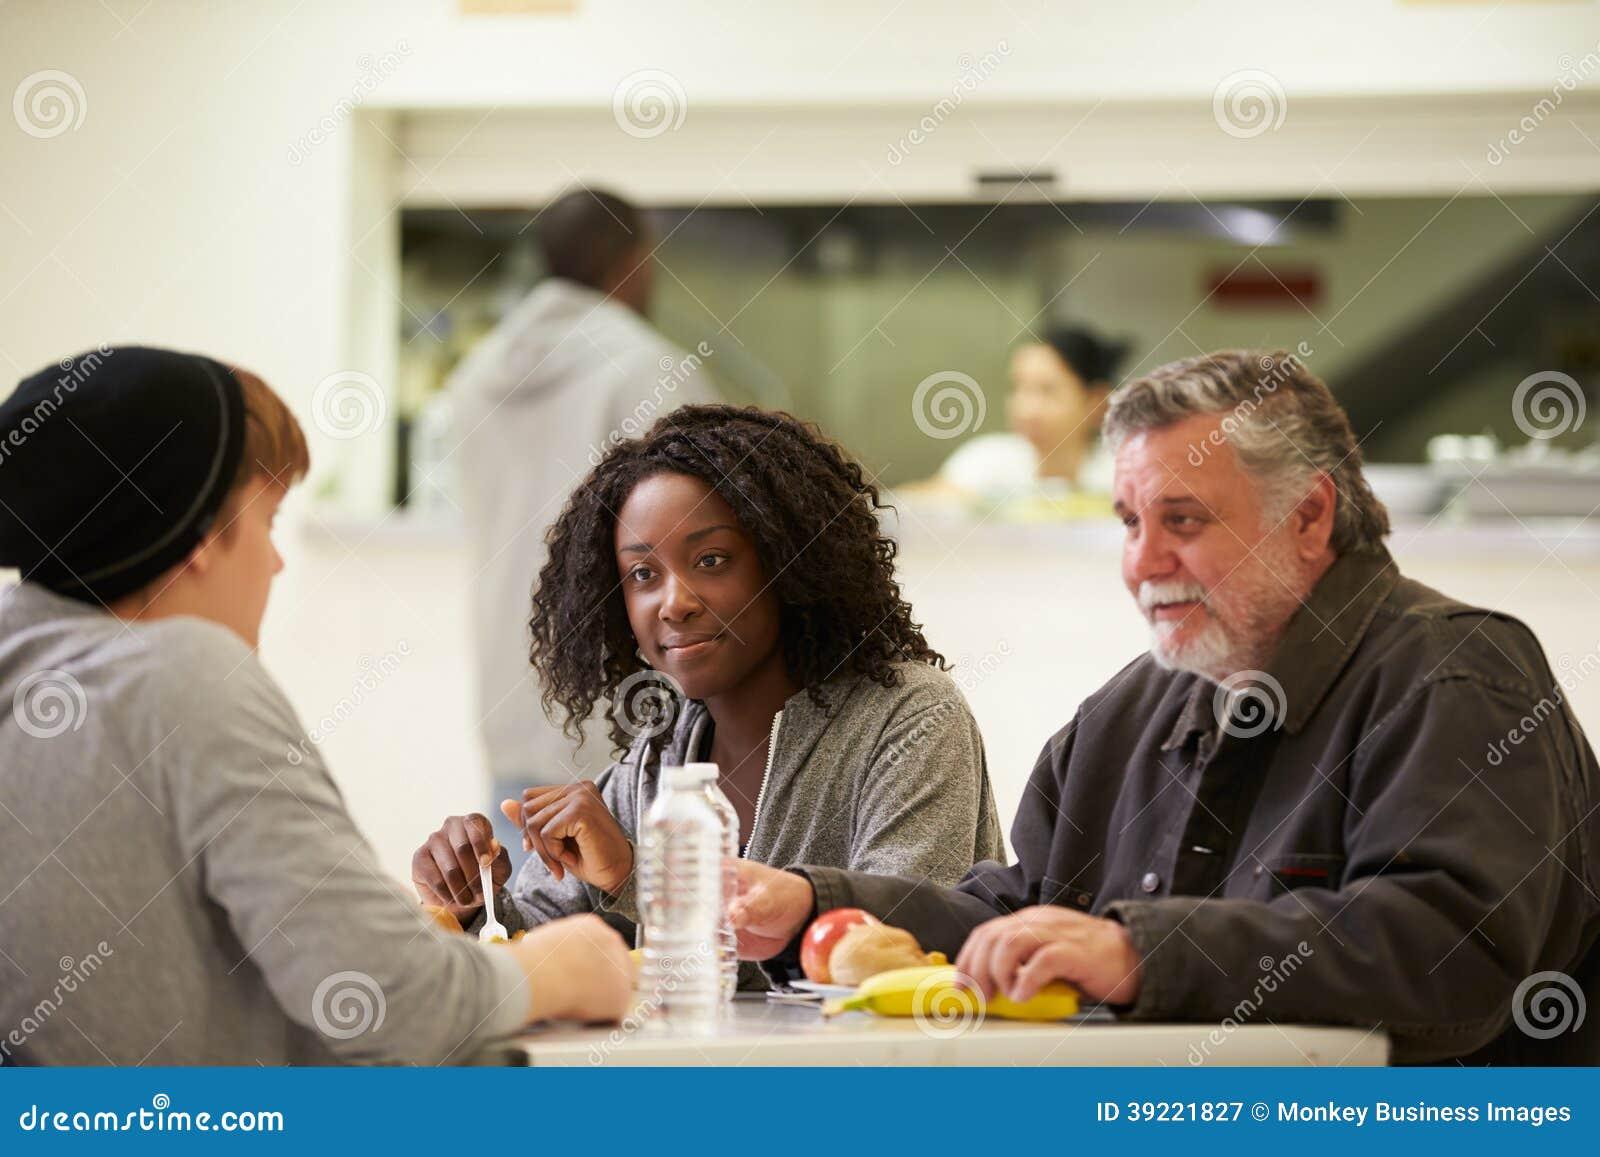 坐在表上的人们吃在流浪者避身处的食物